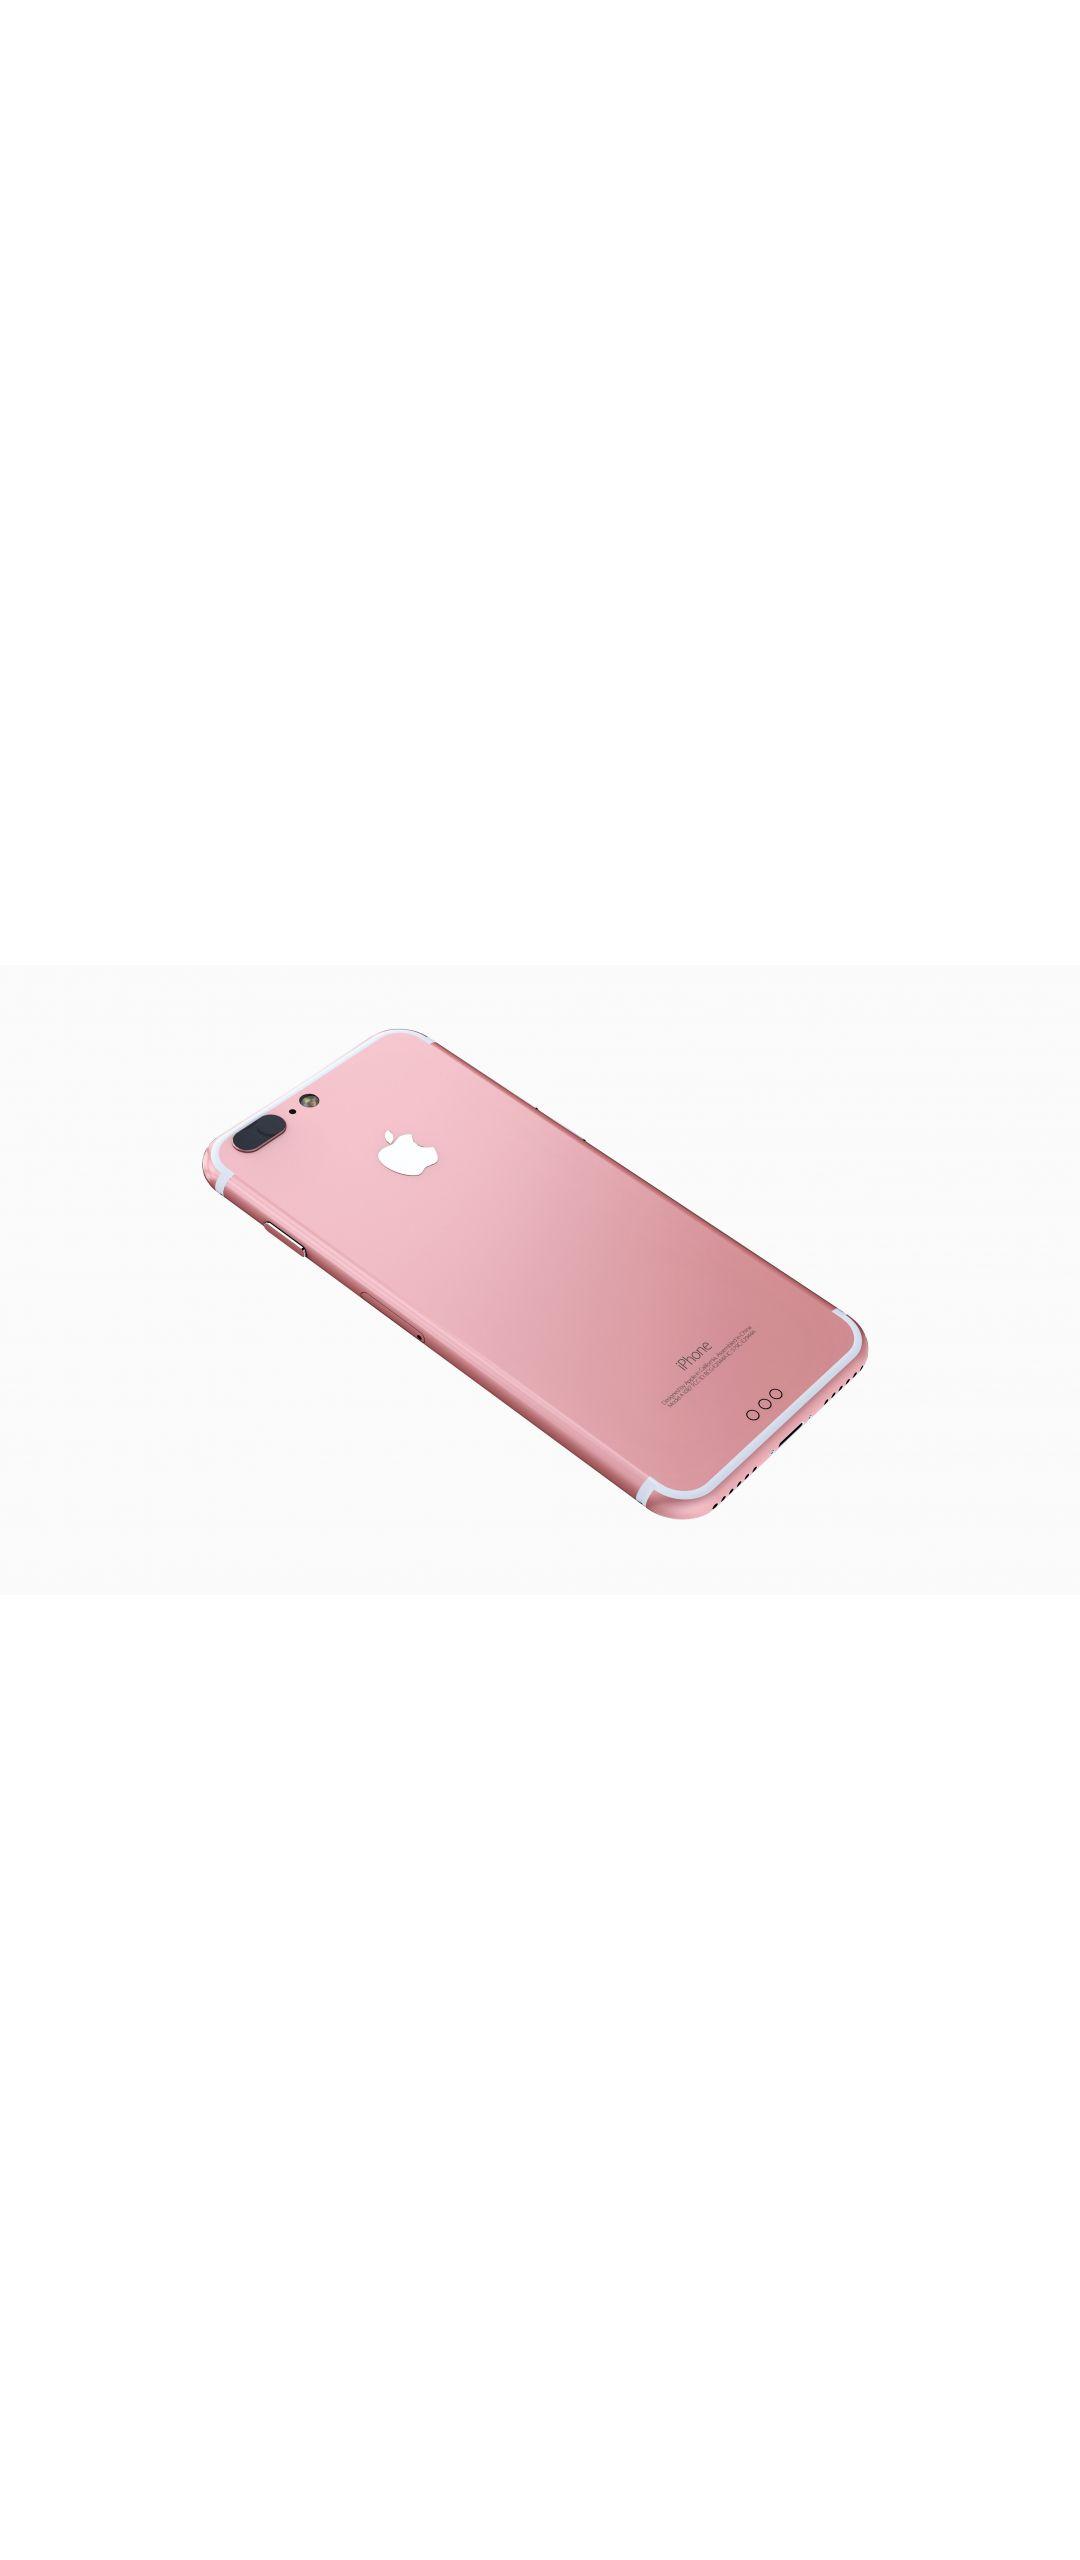 iPhone 7 eliminar�a el bot�n de inicio por un sensor h�ptico